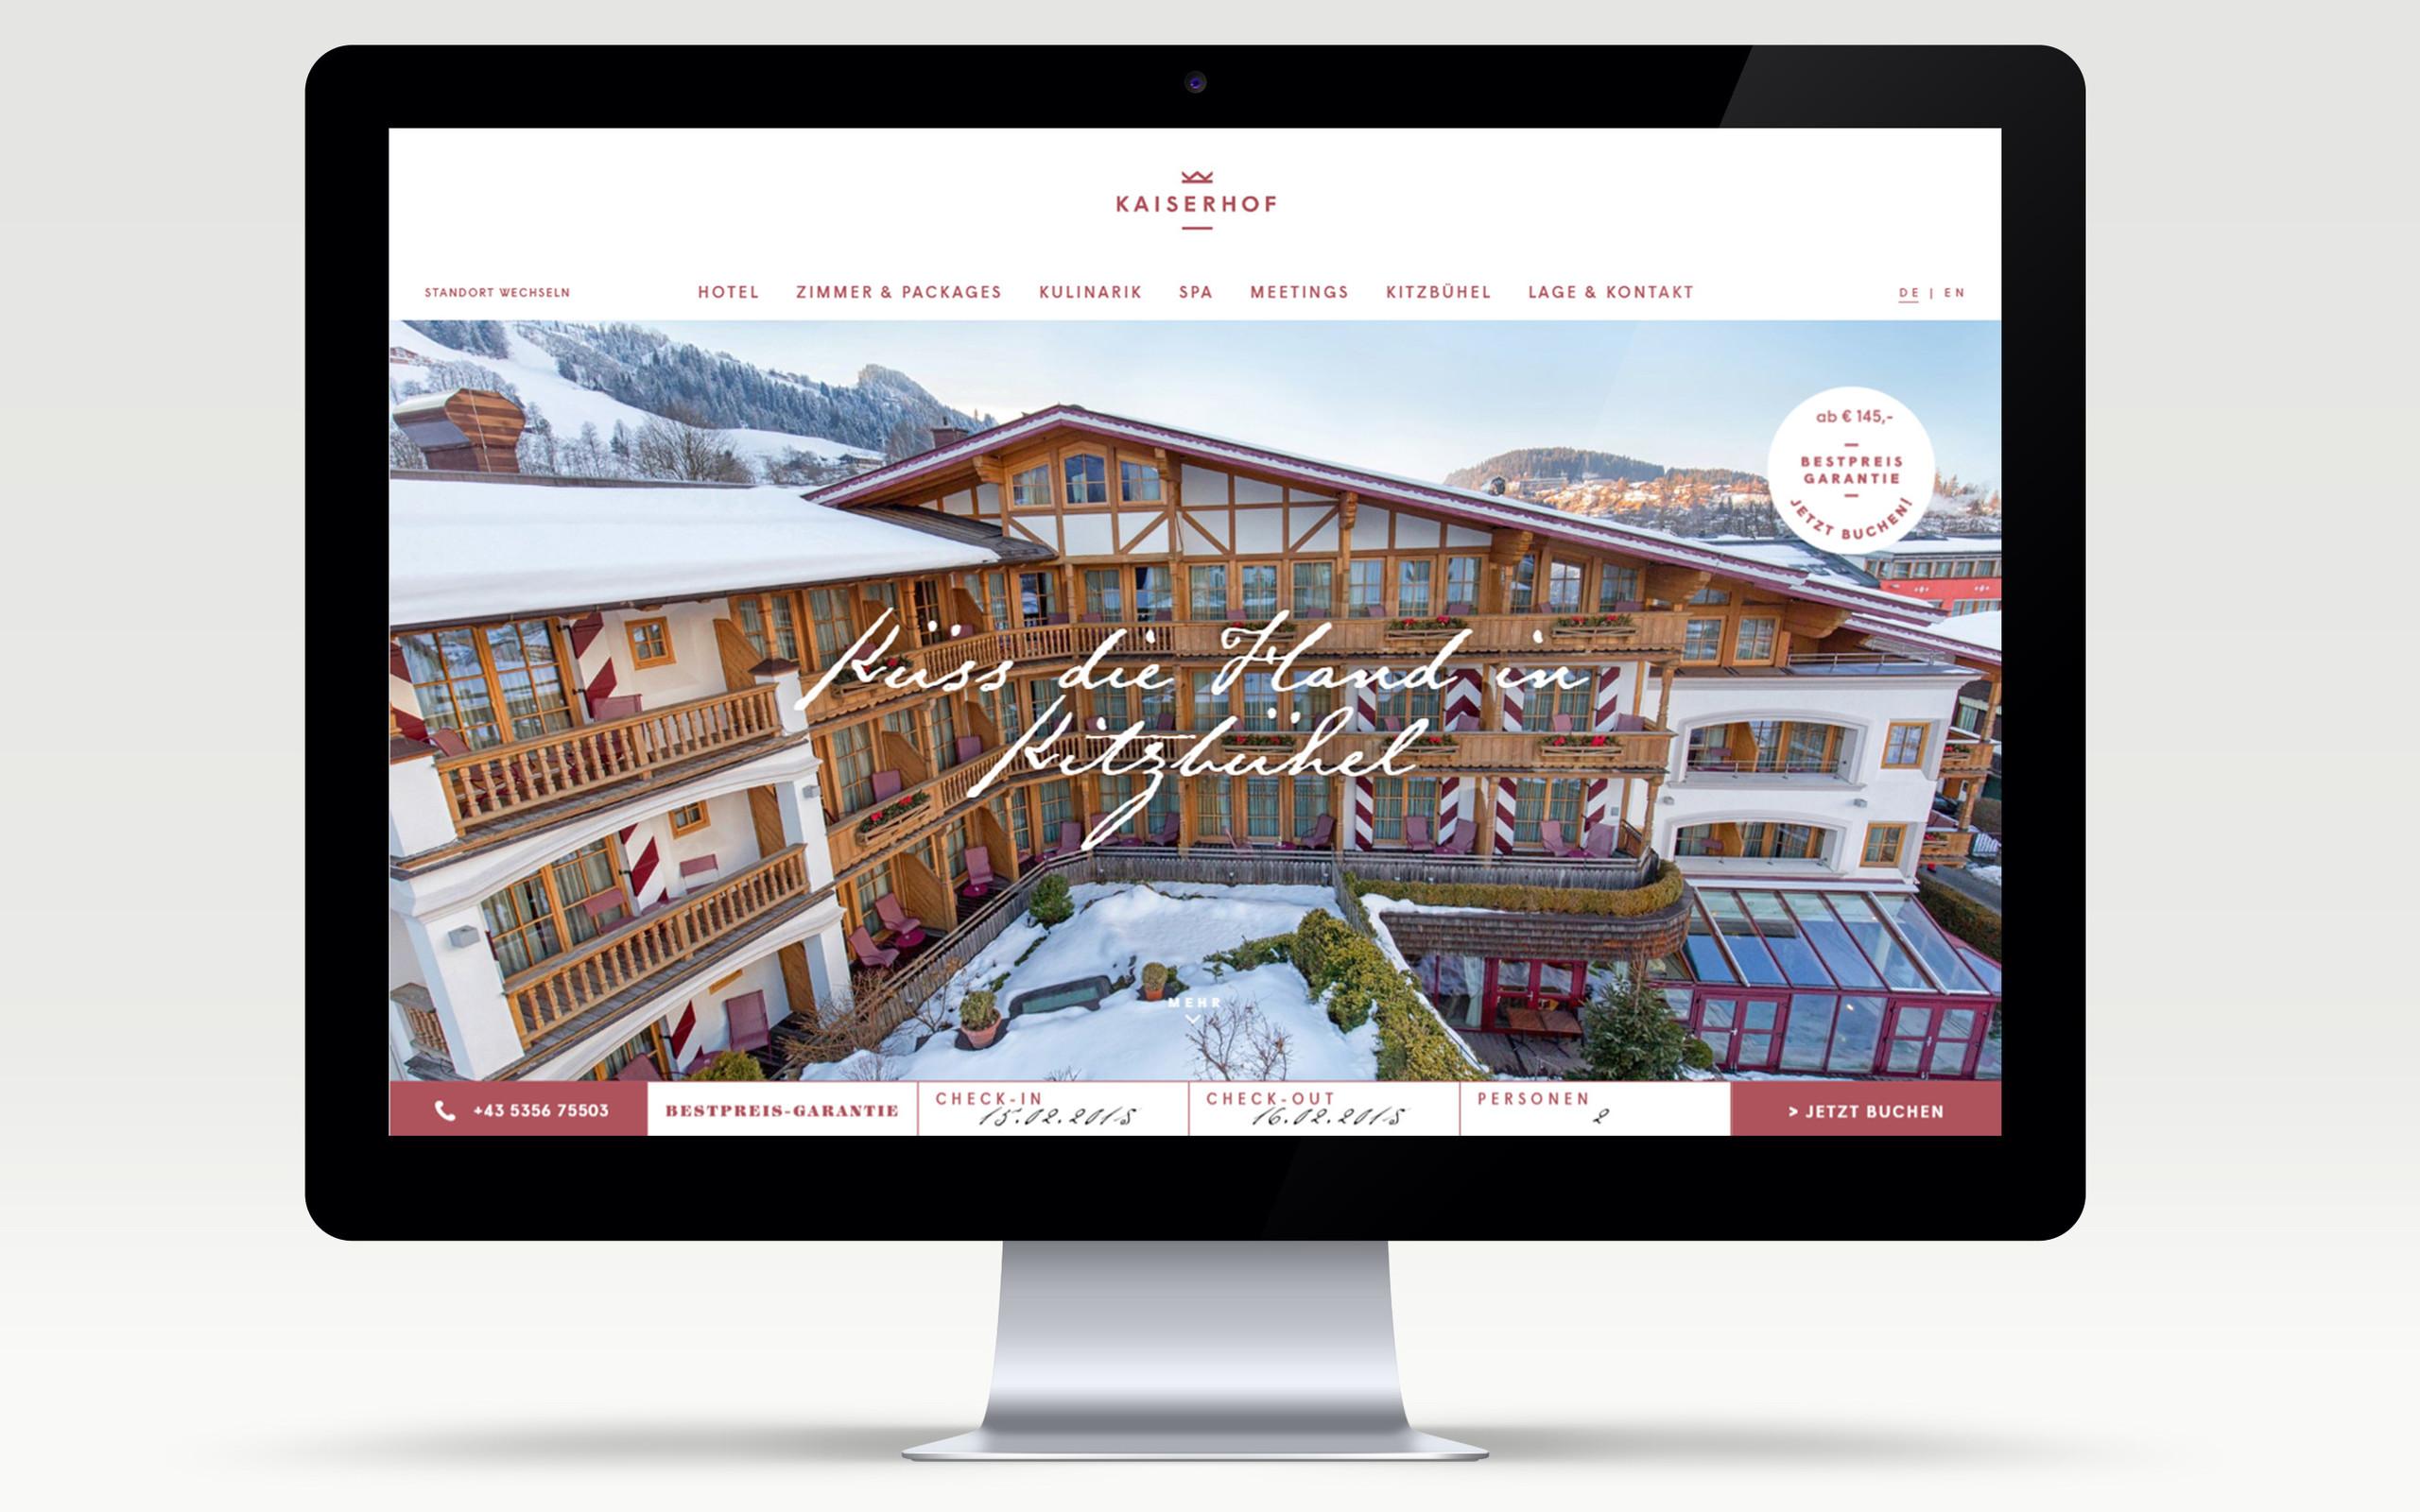 Hotel Kaiserhof Branding & Website